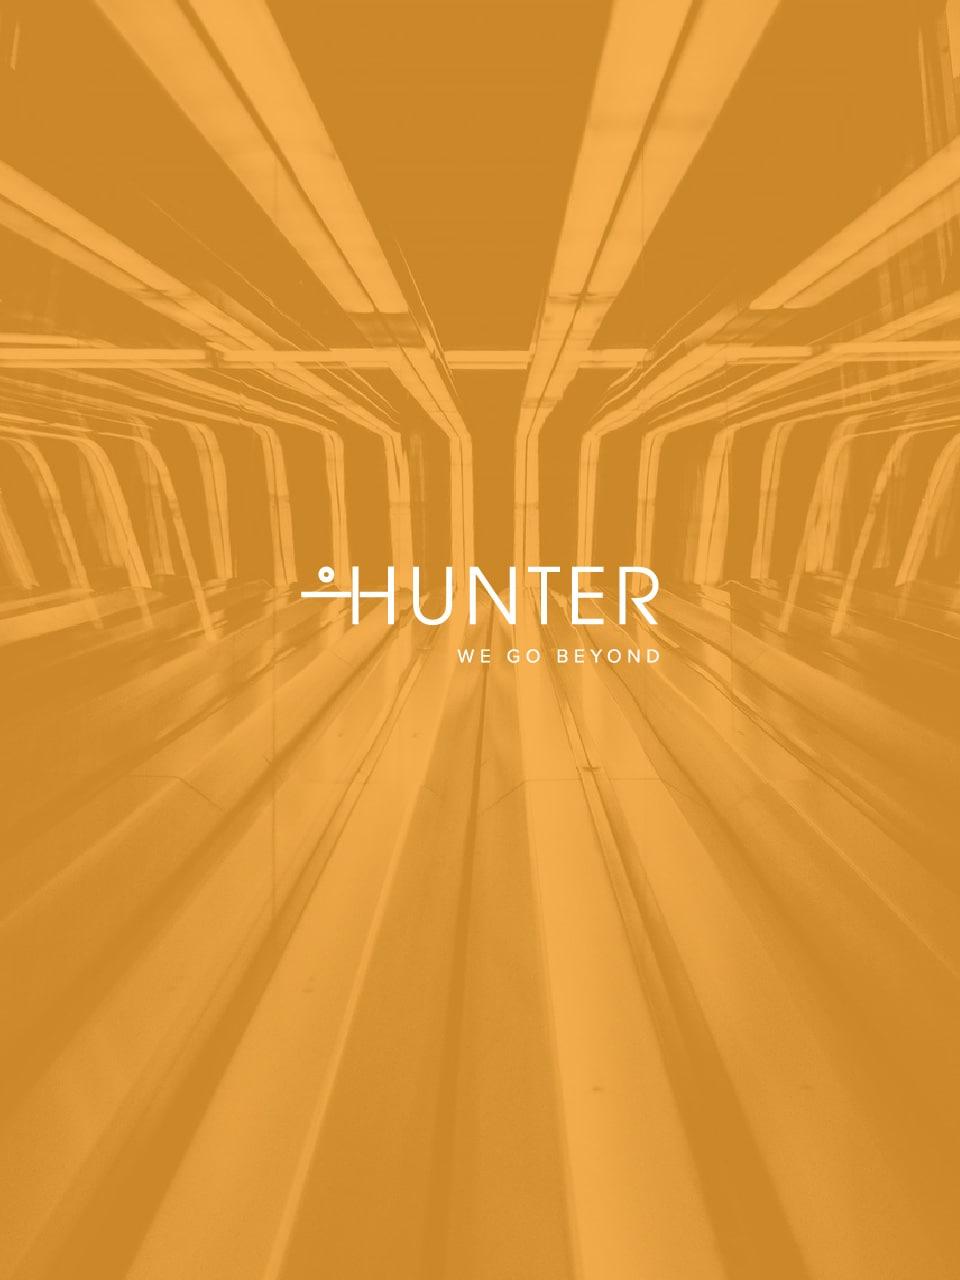 hunter_banner mobile-01 - Natie Branding Agency